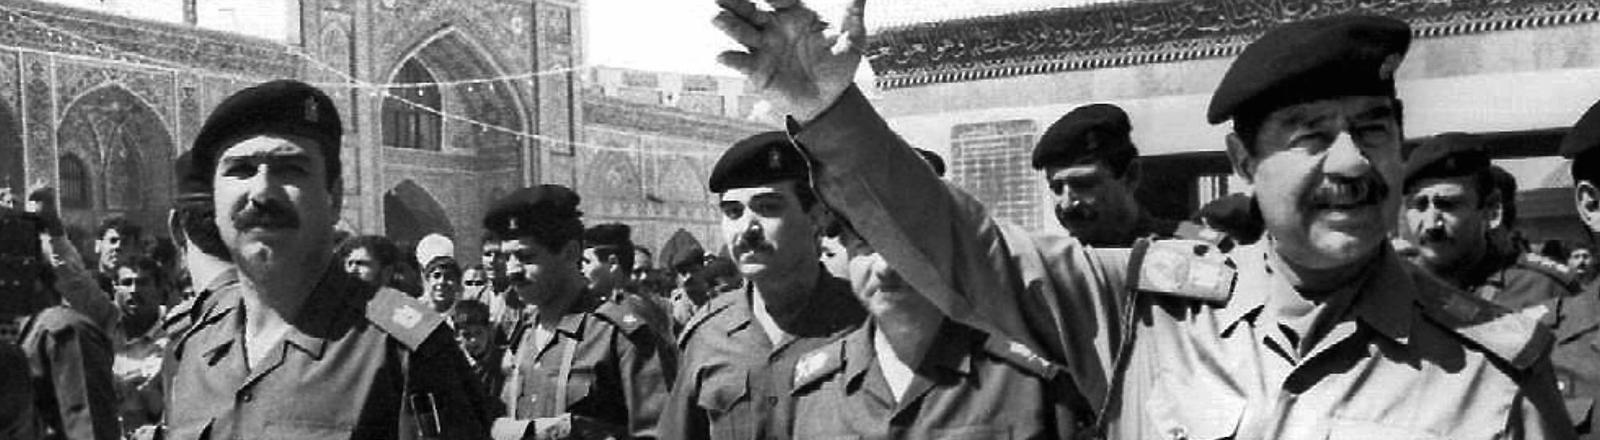 Schwarz-Weiß-Foto, Saddam Hussein in Uniform umgeben von uniformierten Männern, er streckt die rechte Hand in die Höhe; Bild: dpa